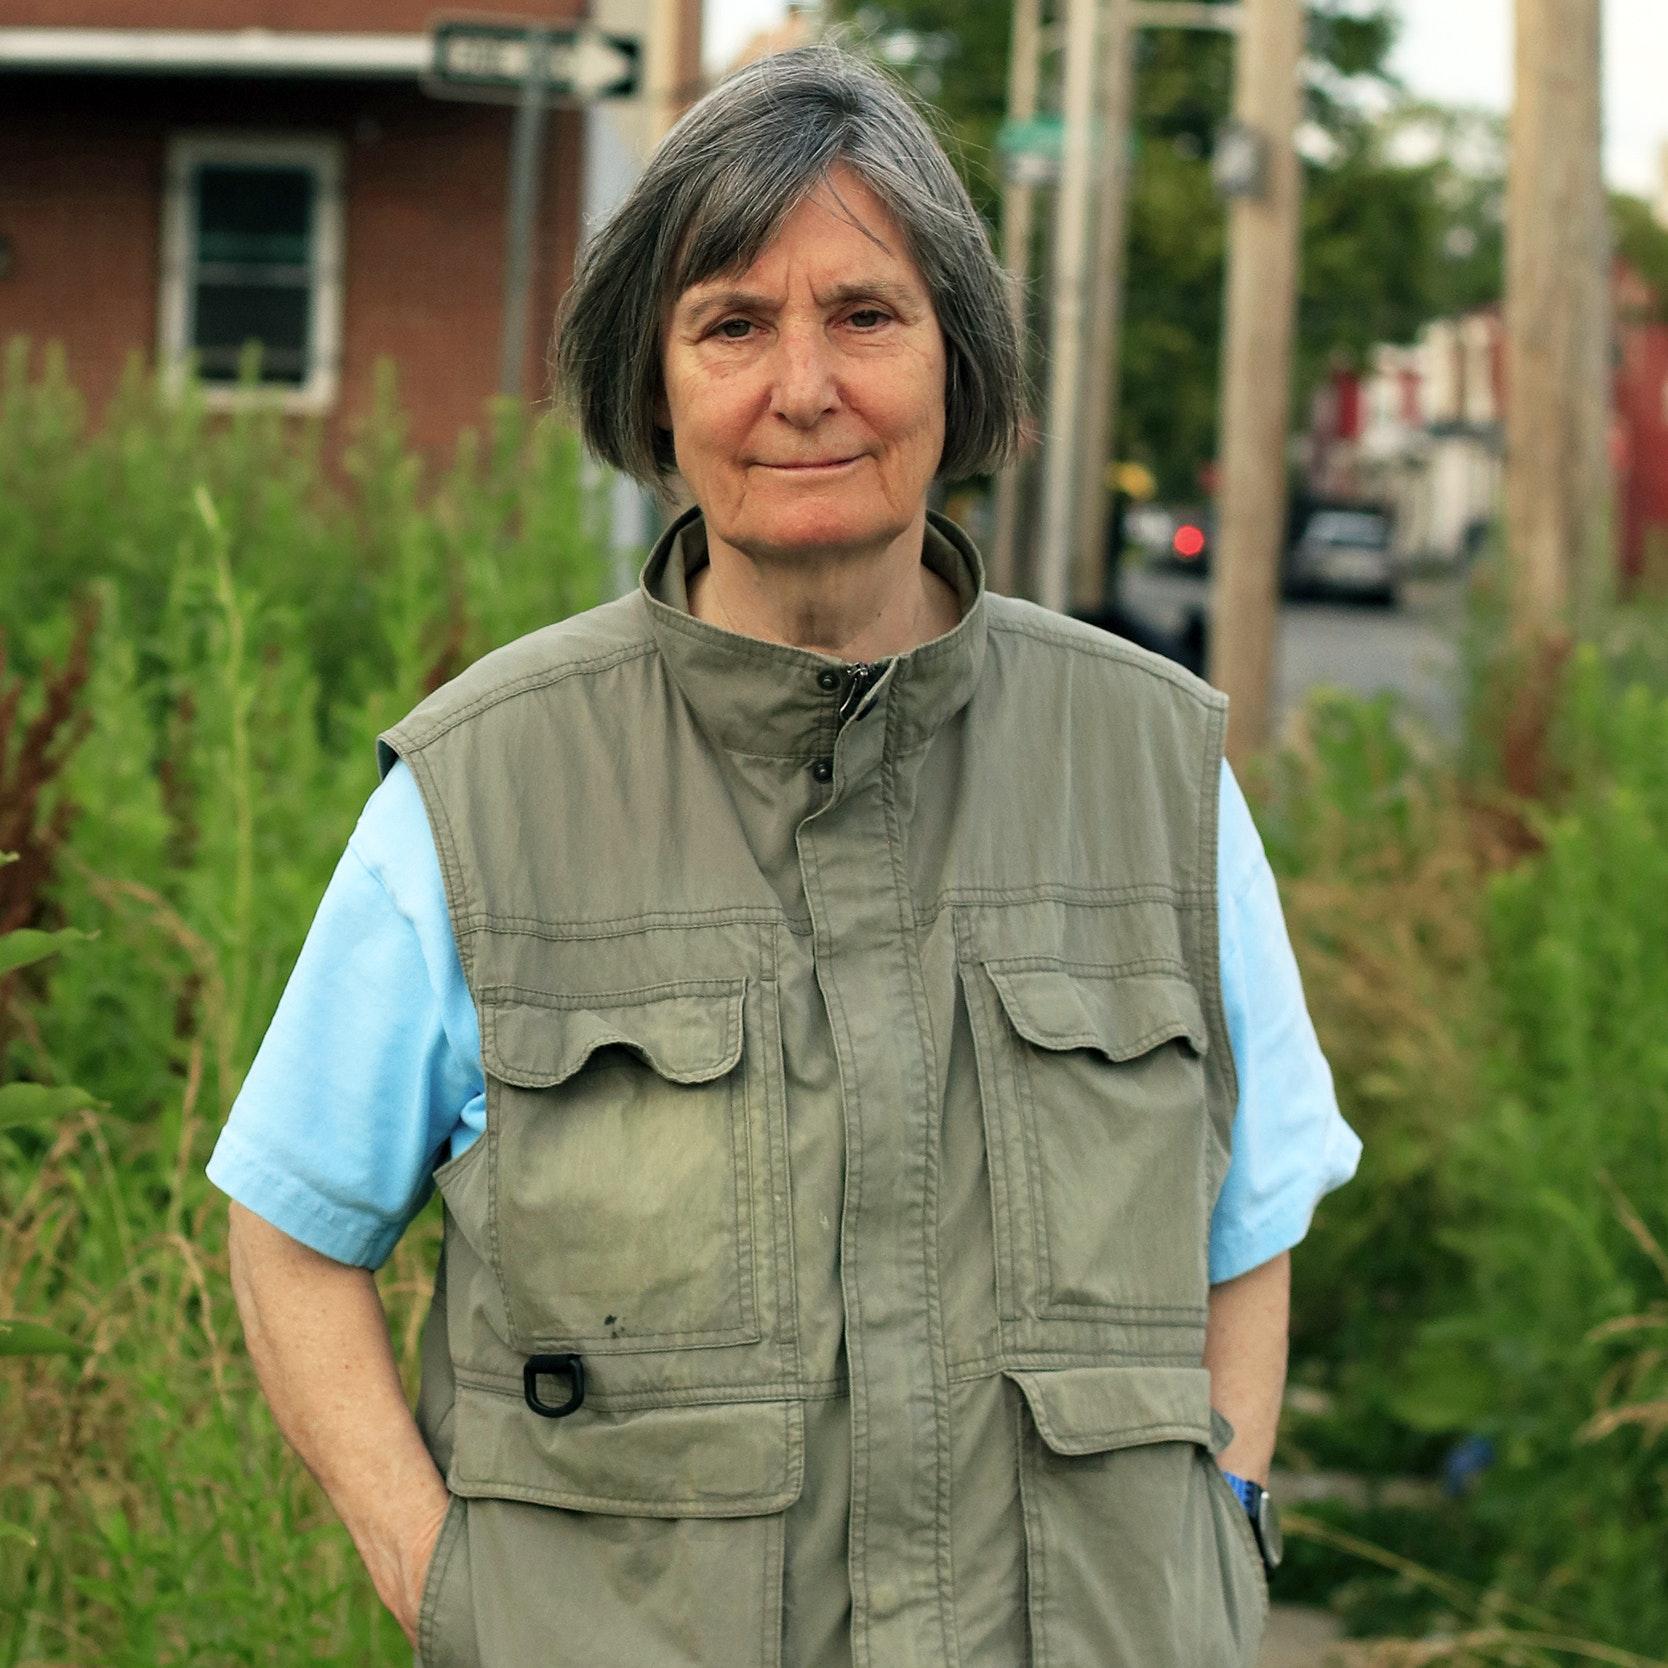 Portrait of Anne Spirn